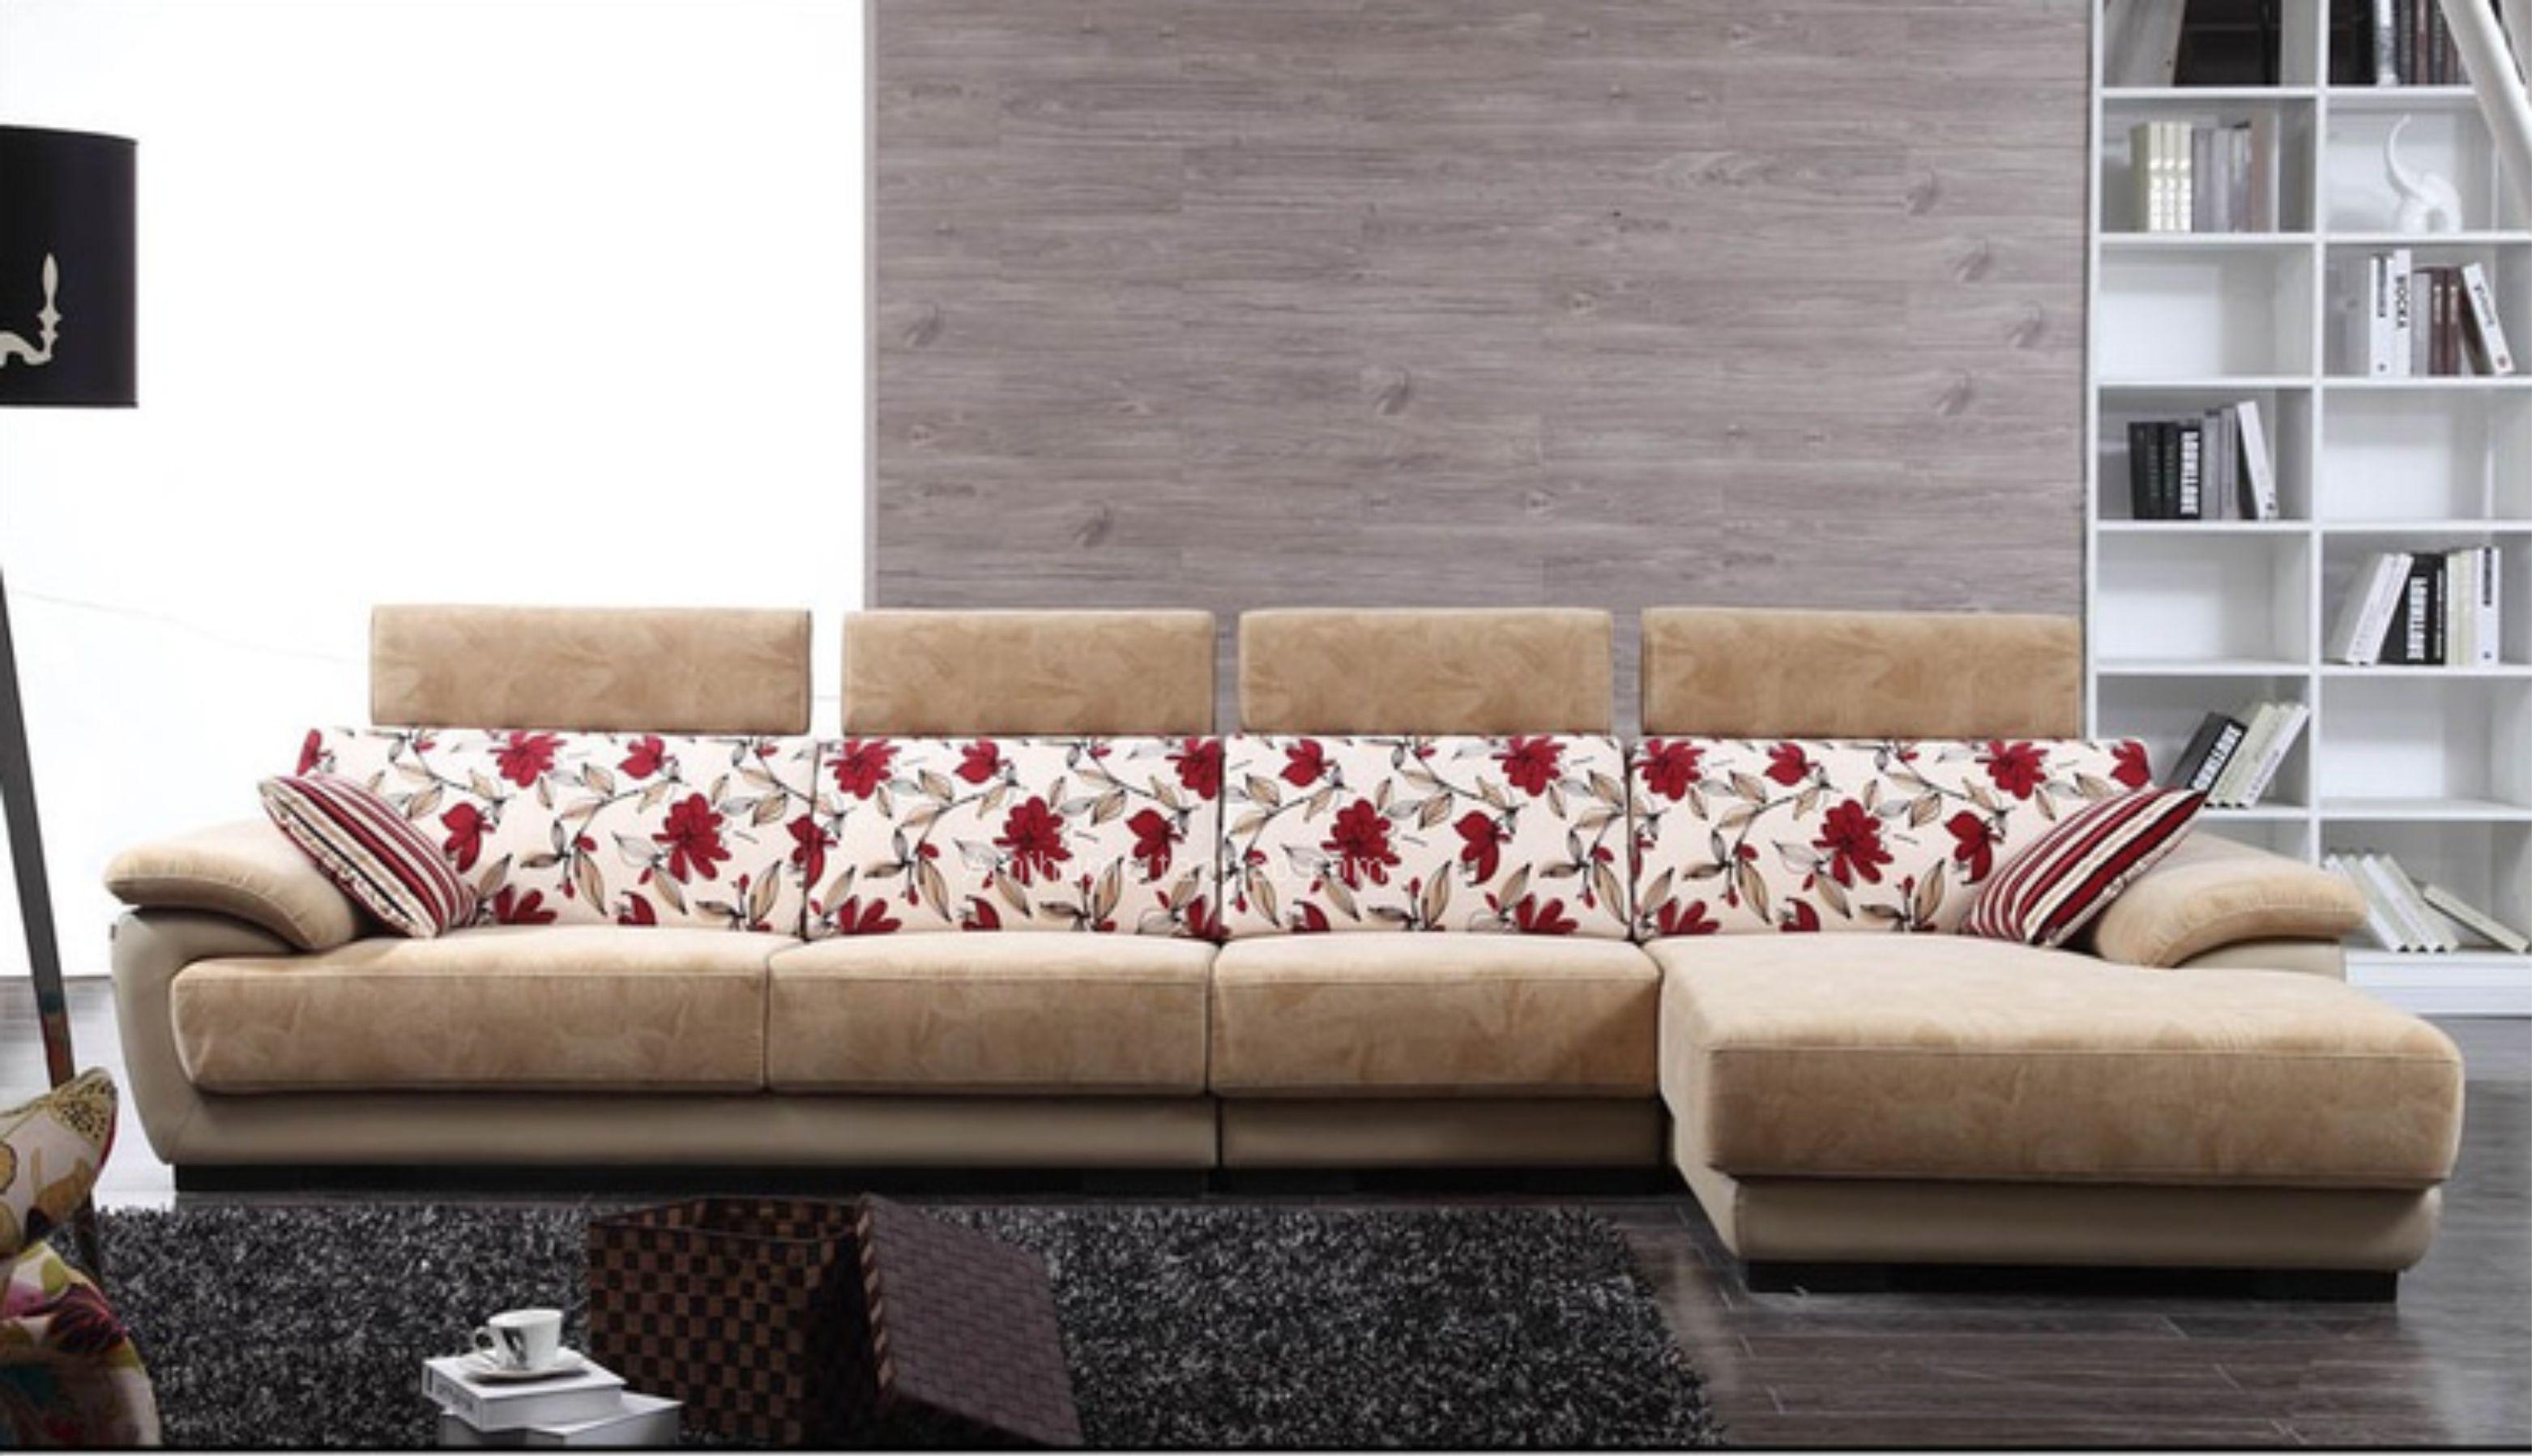 全友家私皮卡诺系列_全友全友家私皮卡诺系列22323A沙发新款专柜